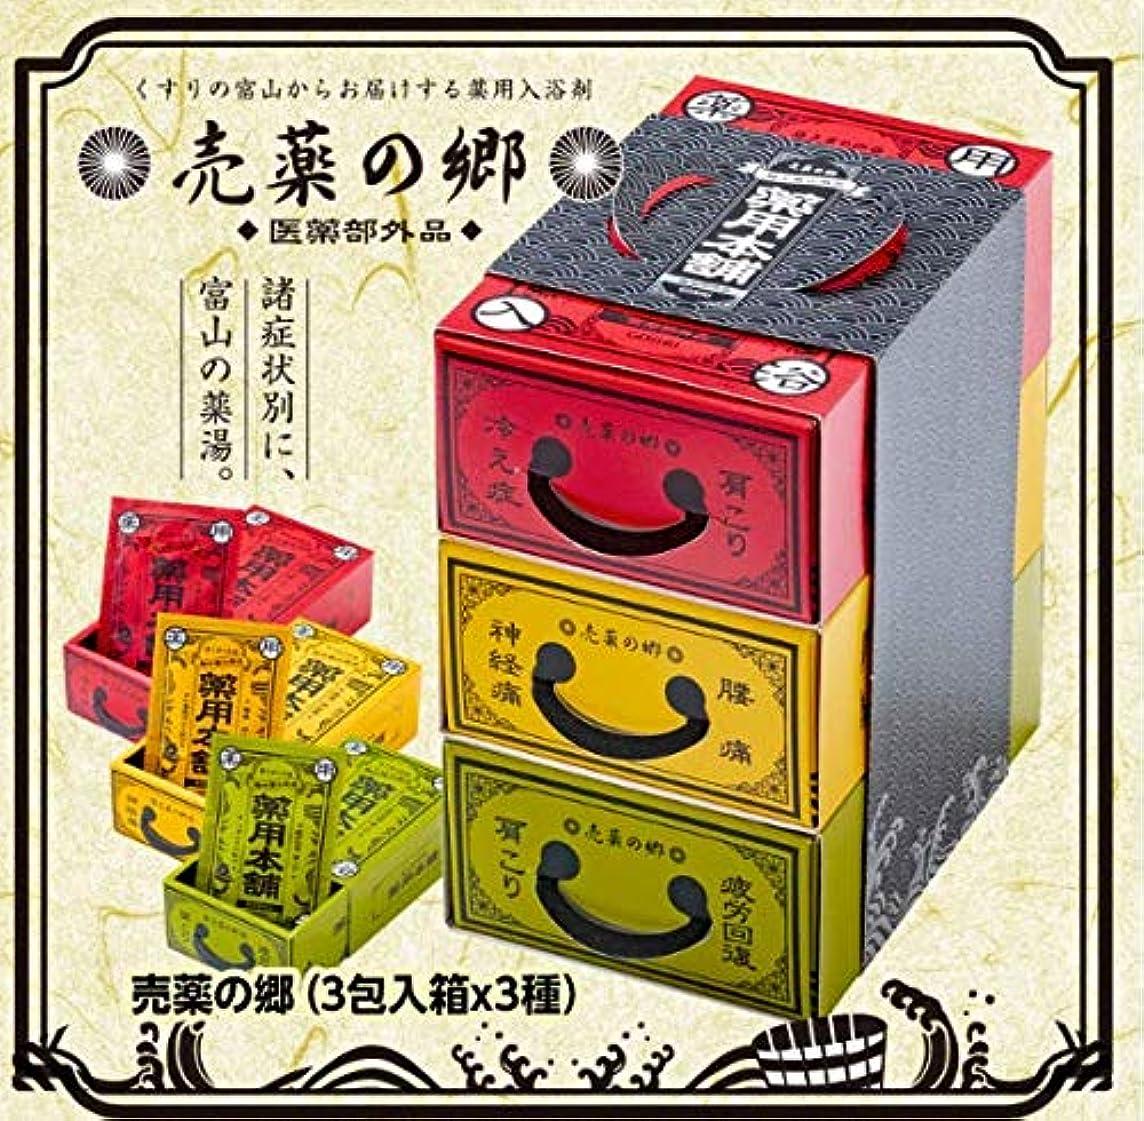 改善パーチナシティ黒薬の富山の薬用入浴剤 売薬の郷 薬用本舗3箱セット 10セット